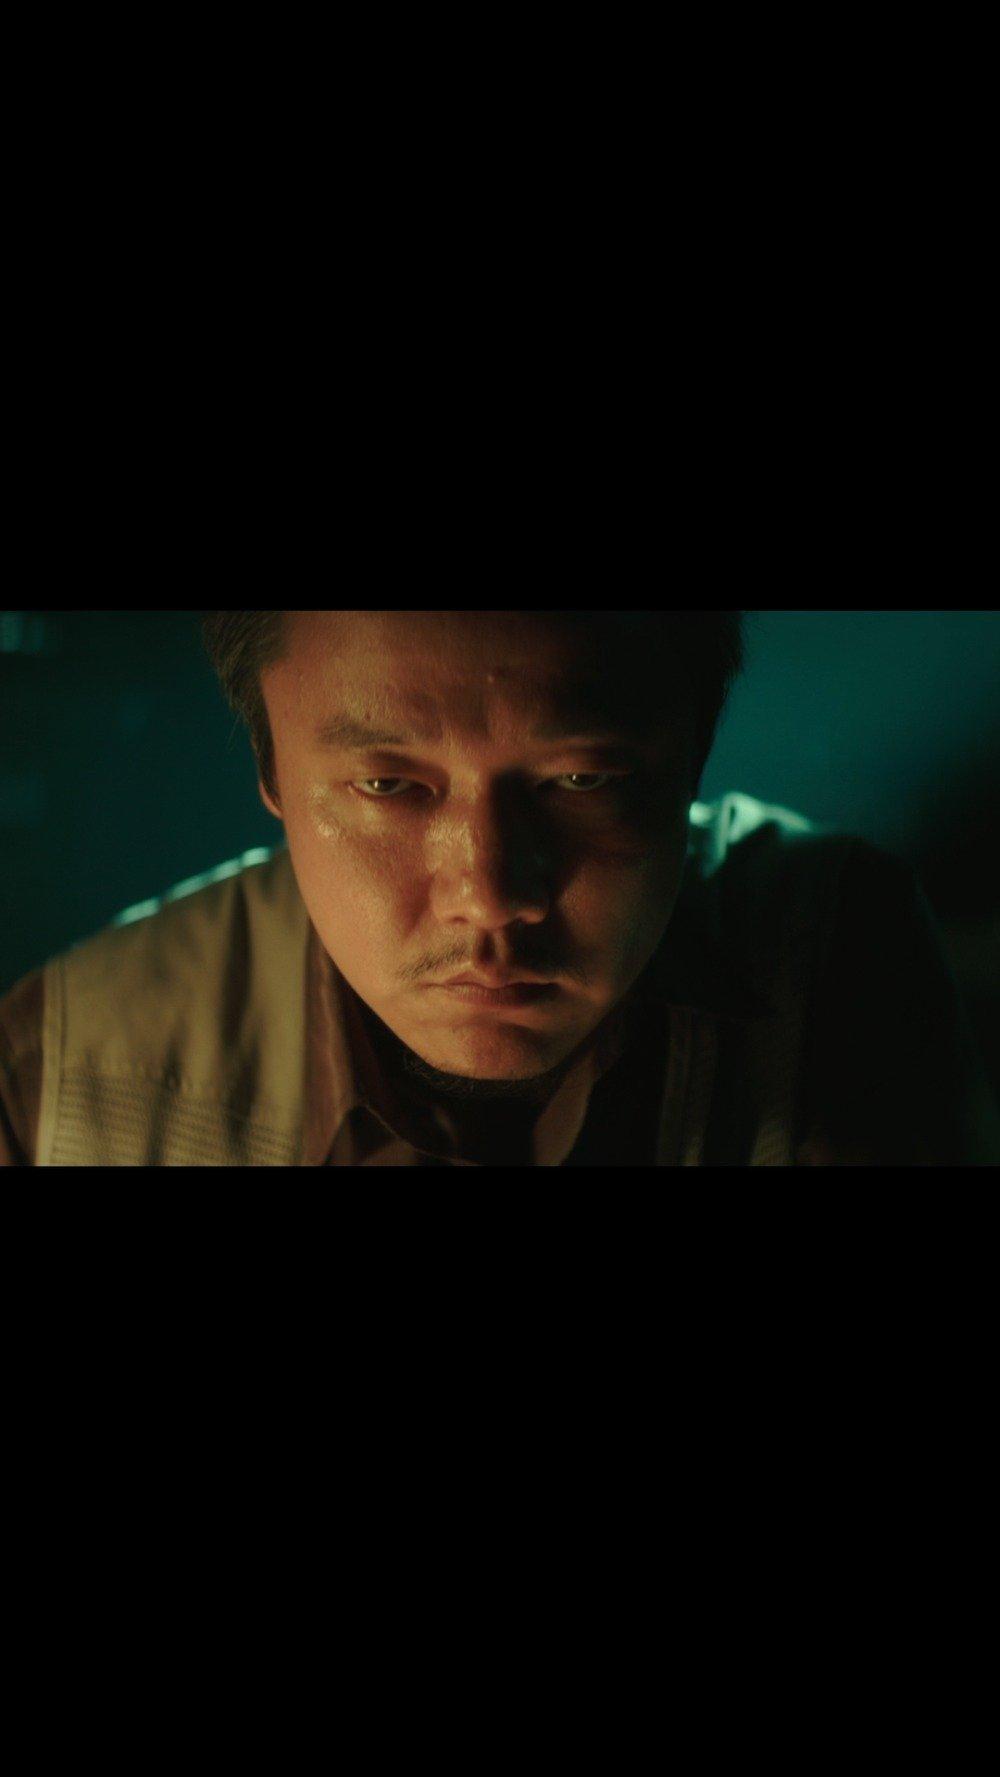 电影《误杀》正式宣布档期定于12月20日,光看视频都很燃